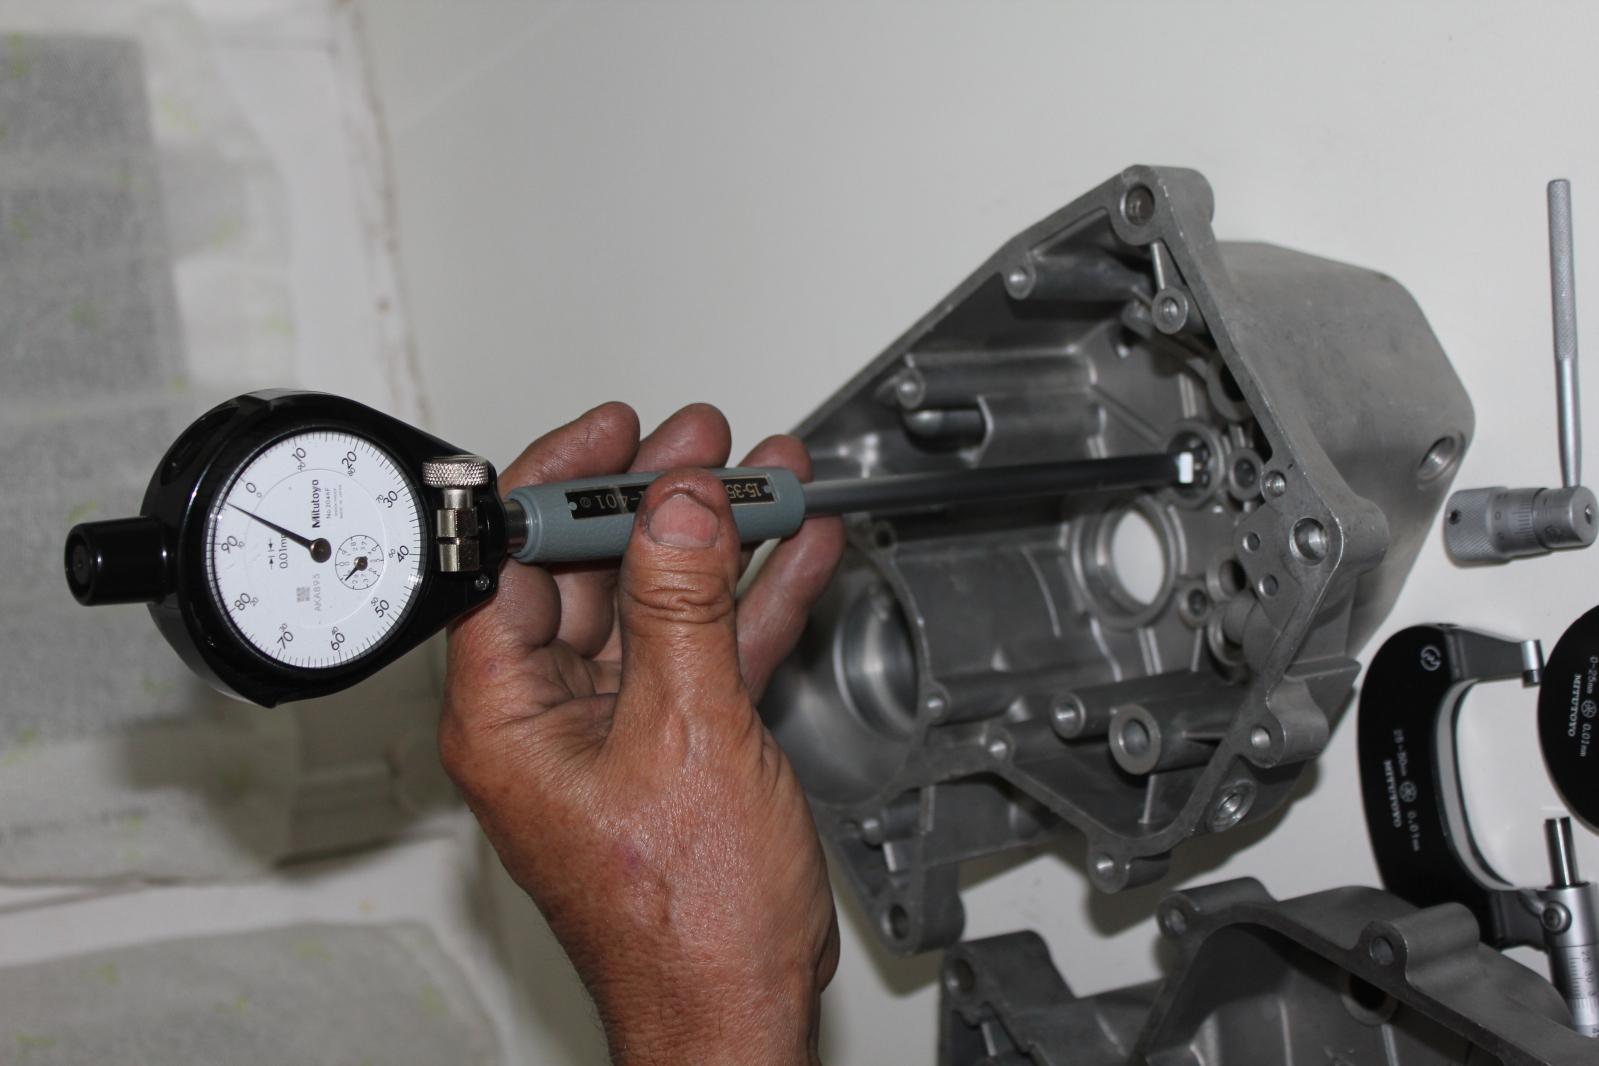 Mejoras en motores P3 P4 RV4 DL P6 K6... - Página 3 311rup4